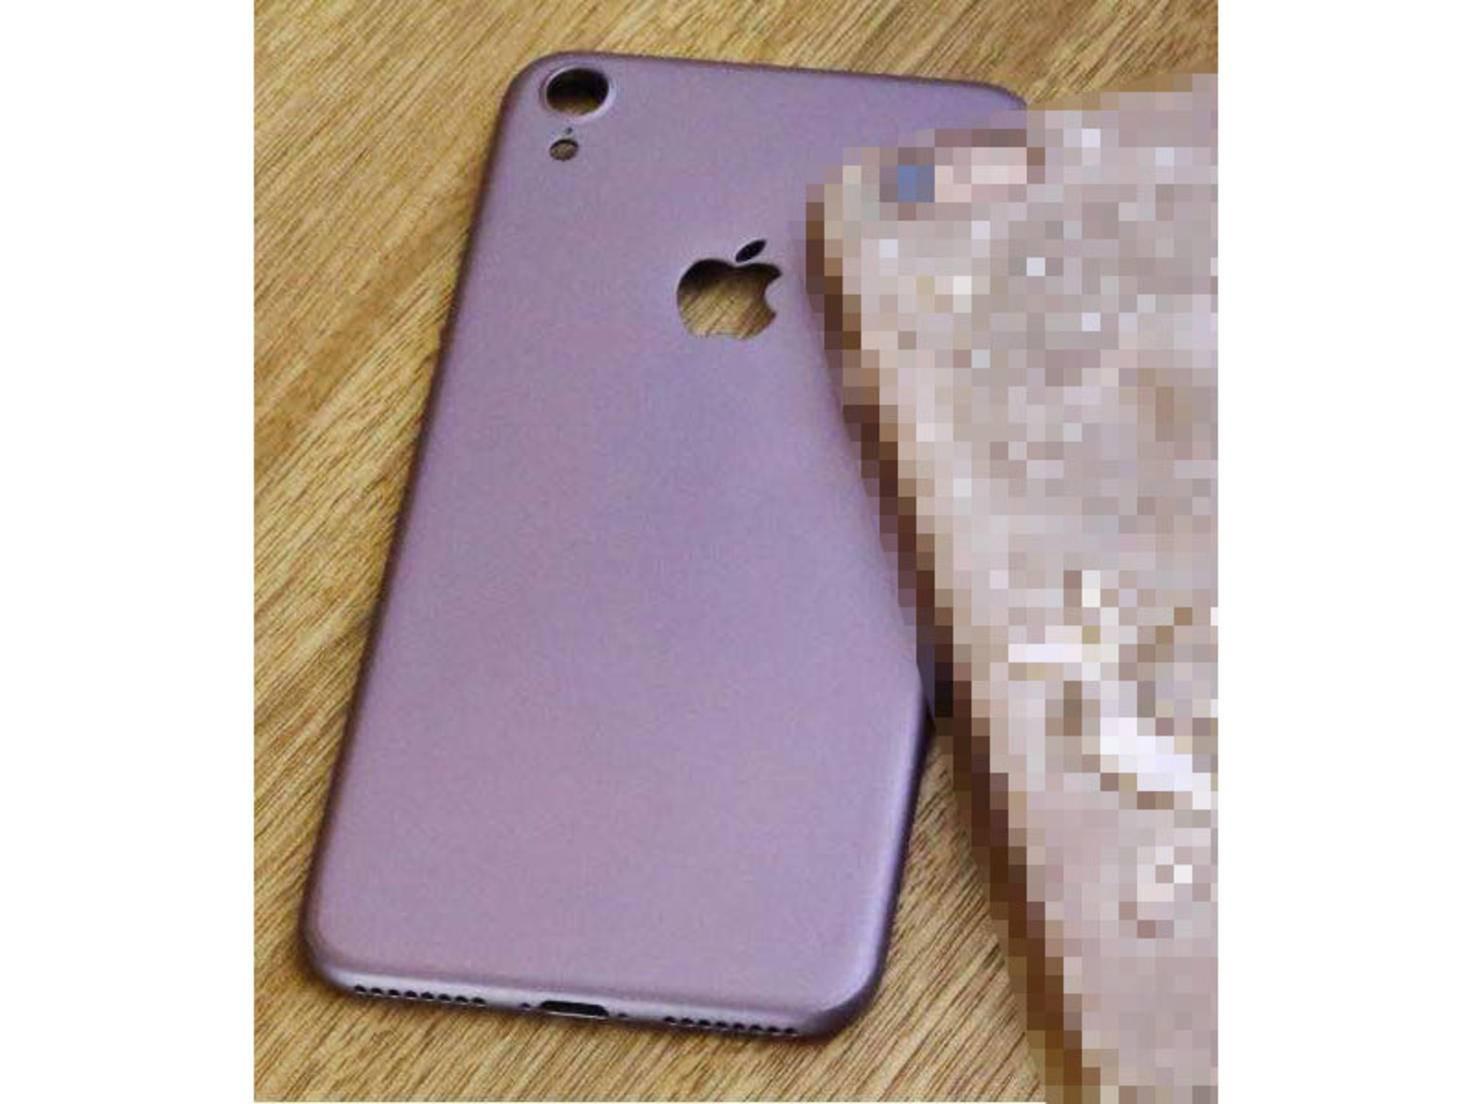 iPhone-7-Case-Leak2